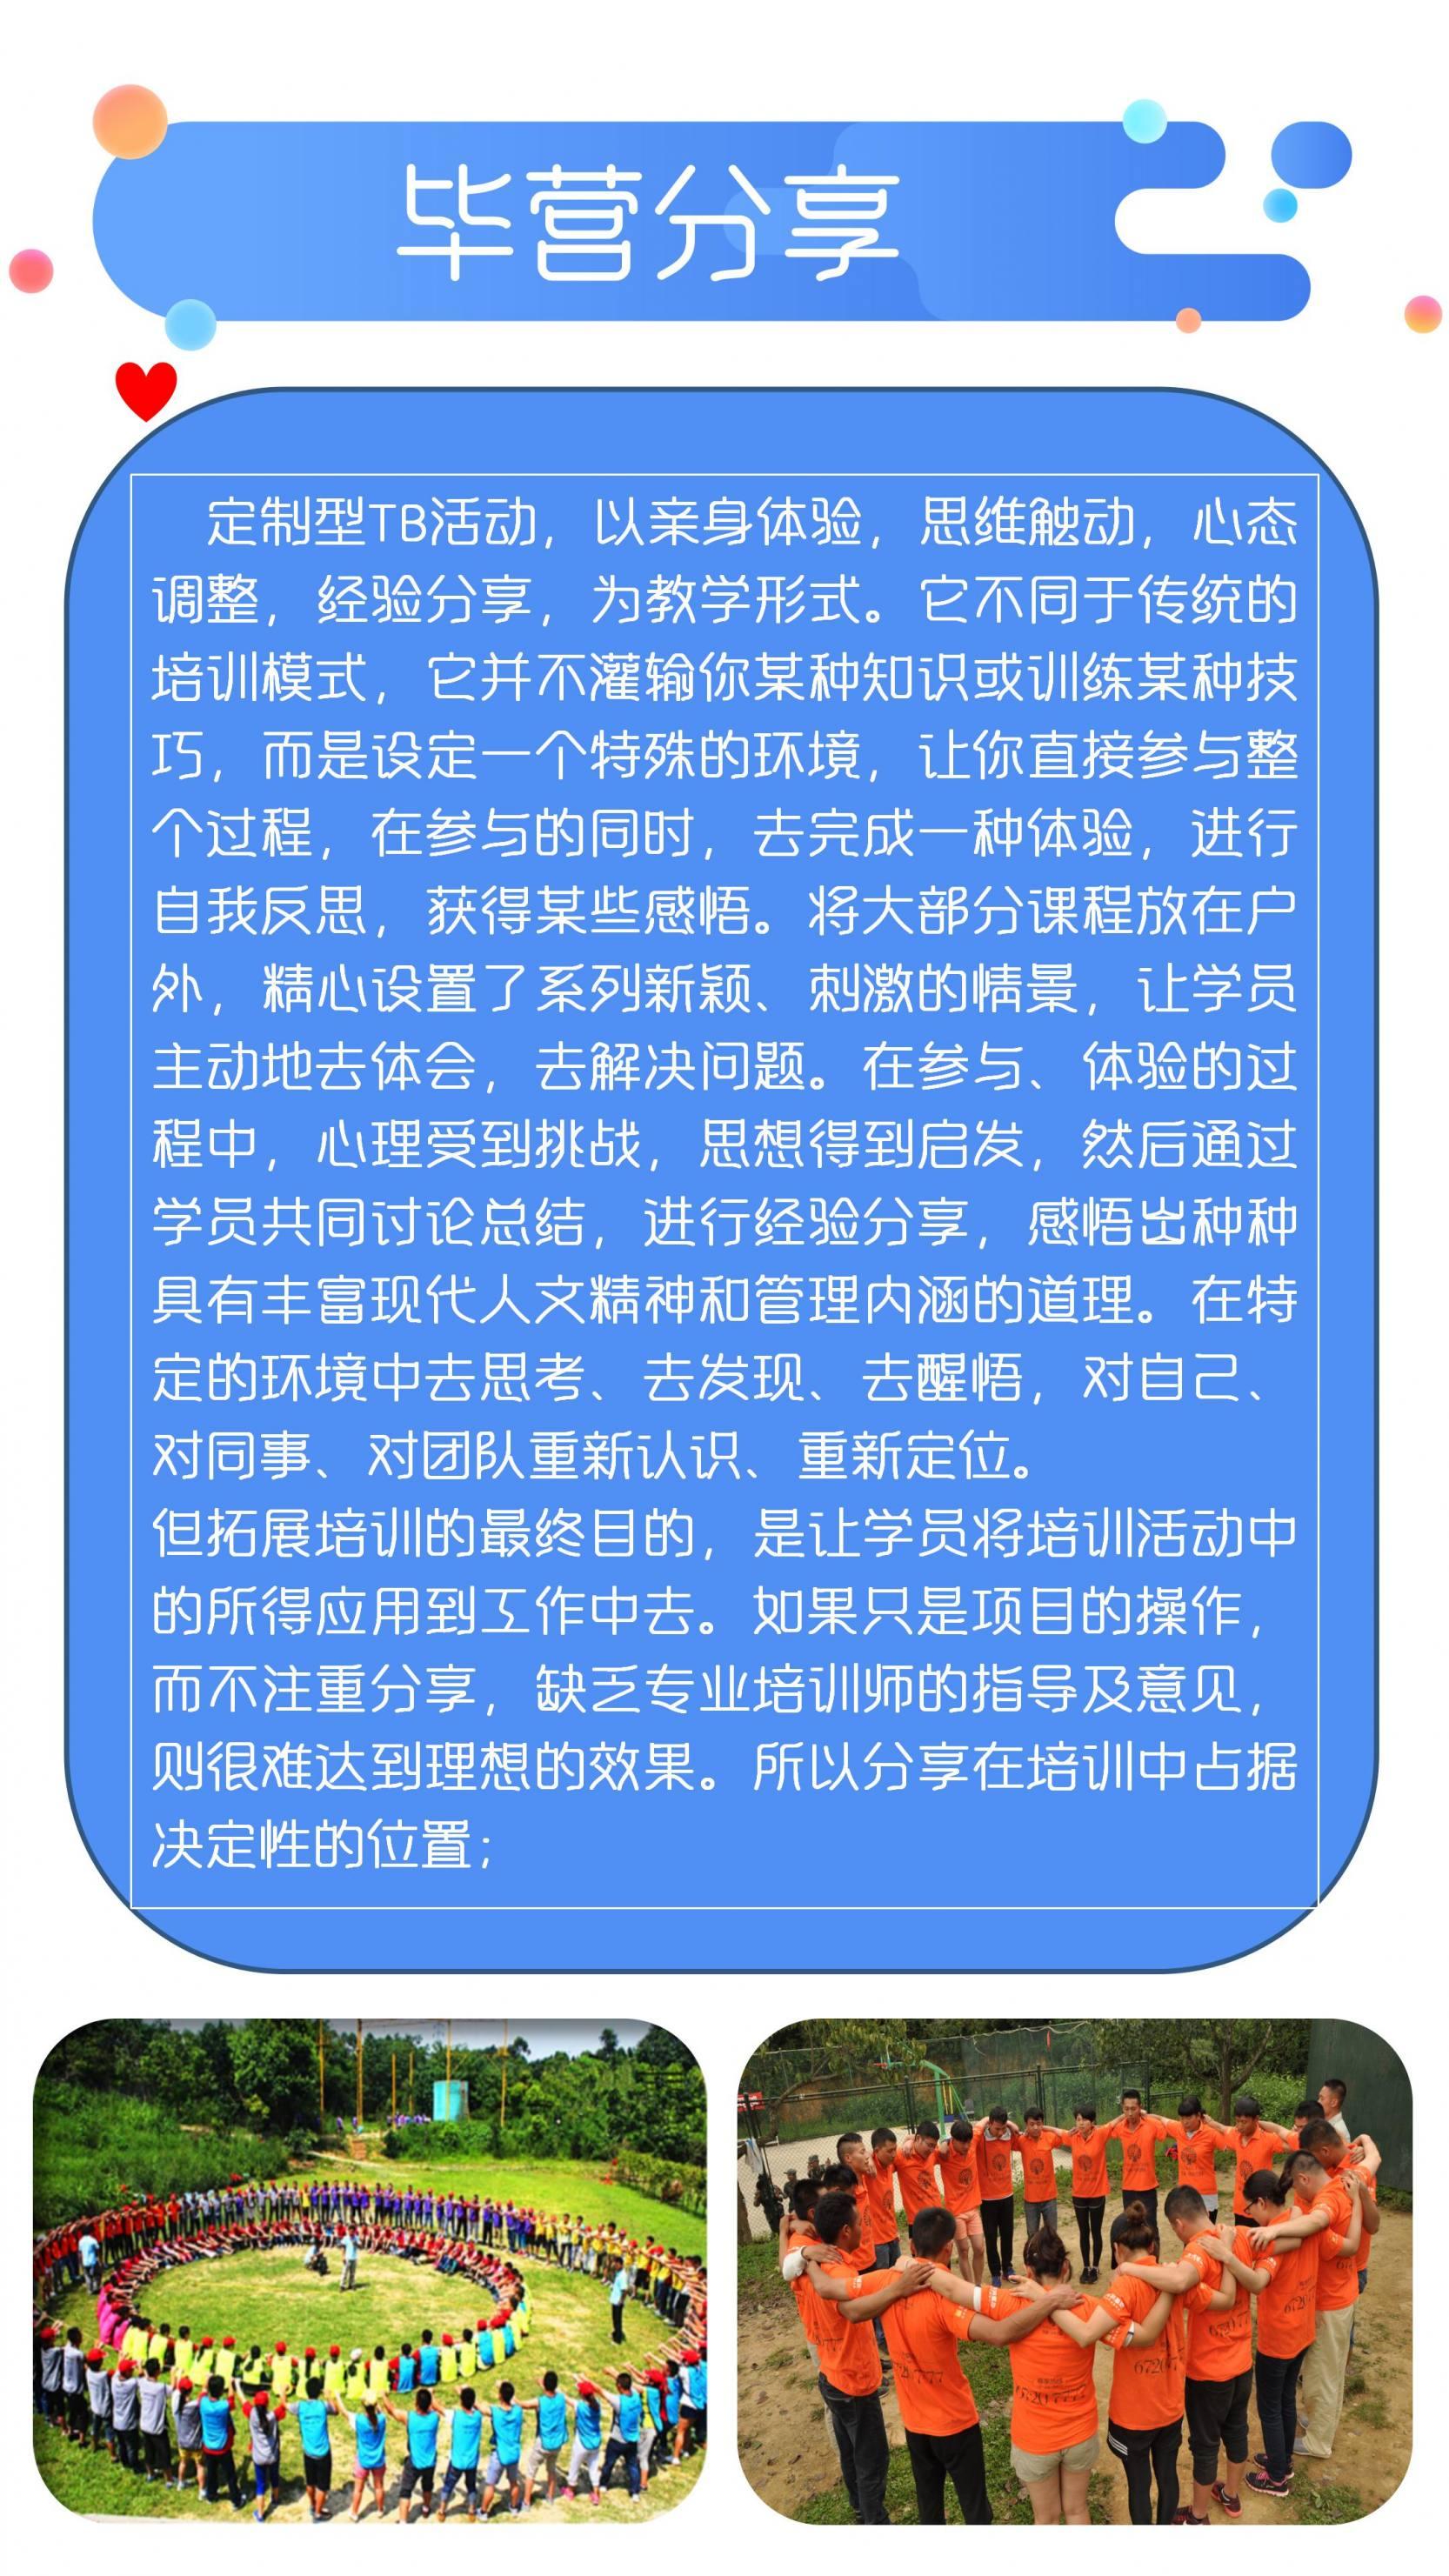 匠心筑梦,砥砺前行-网站上传版_13